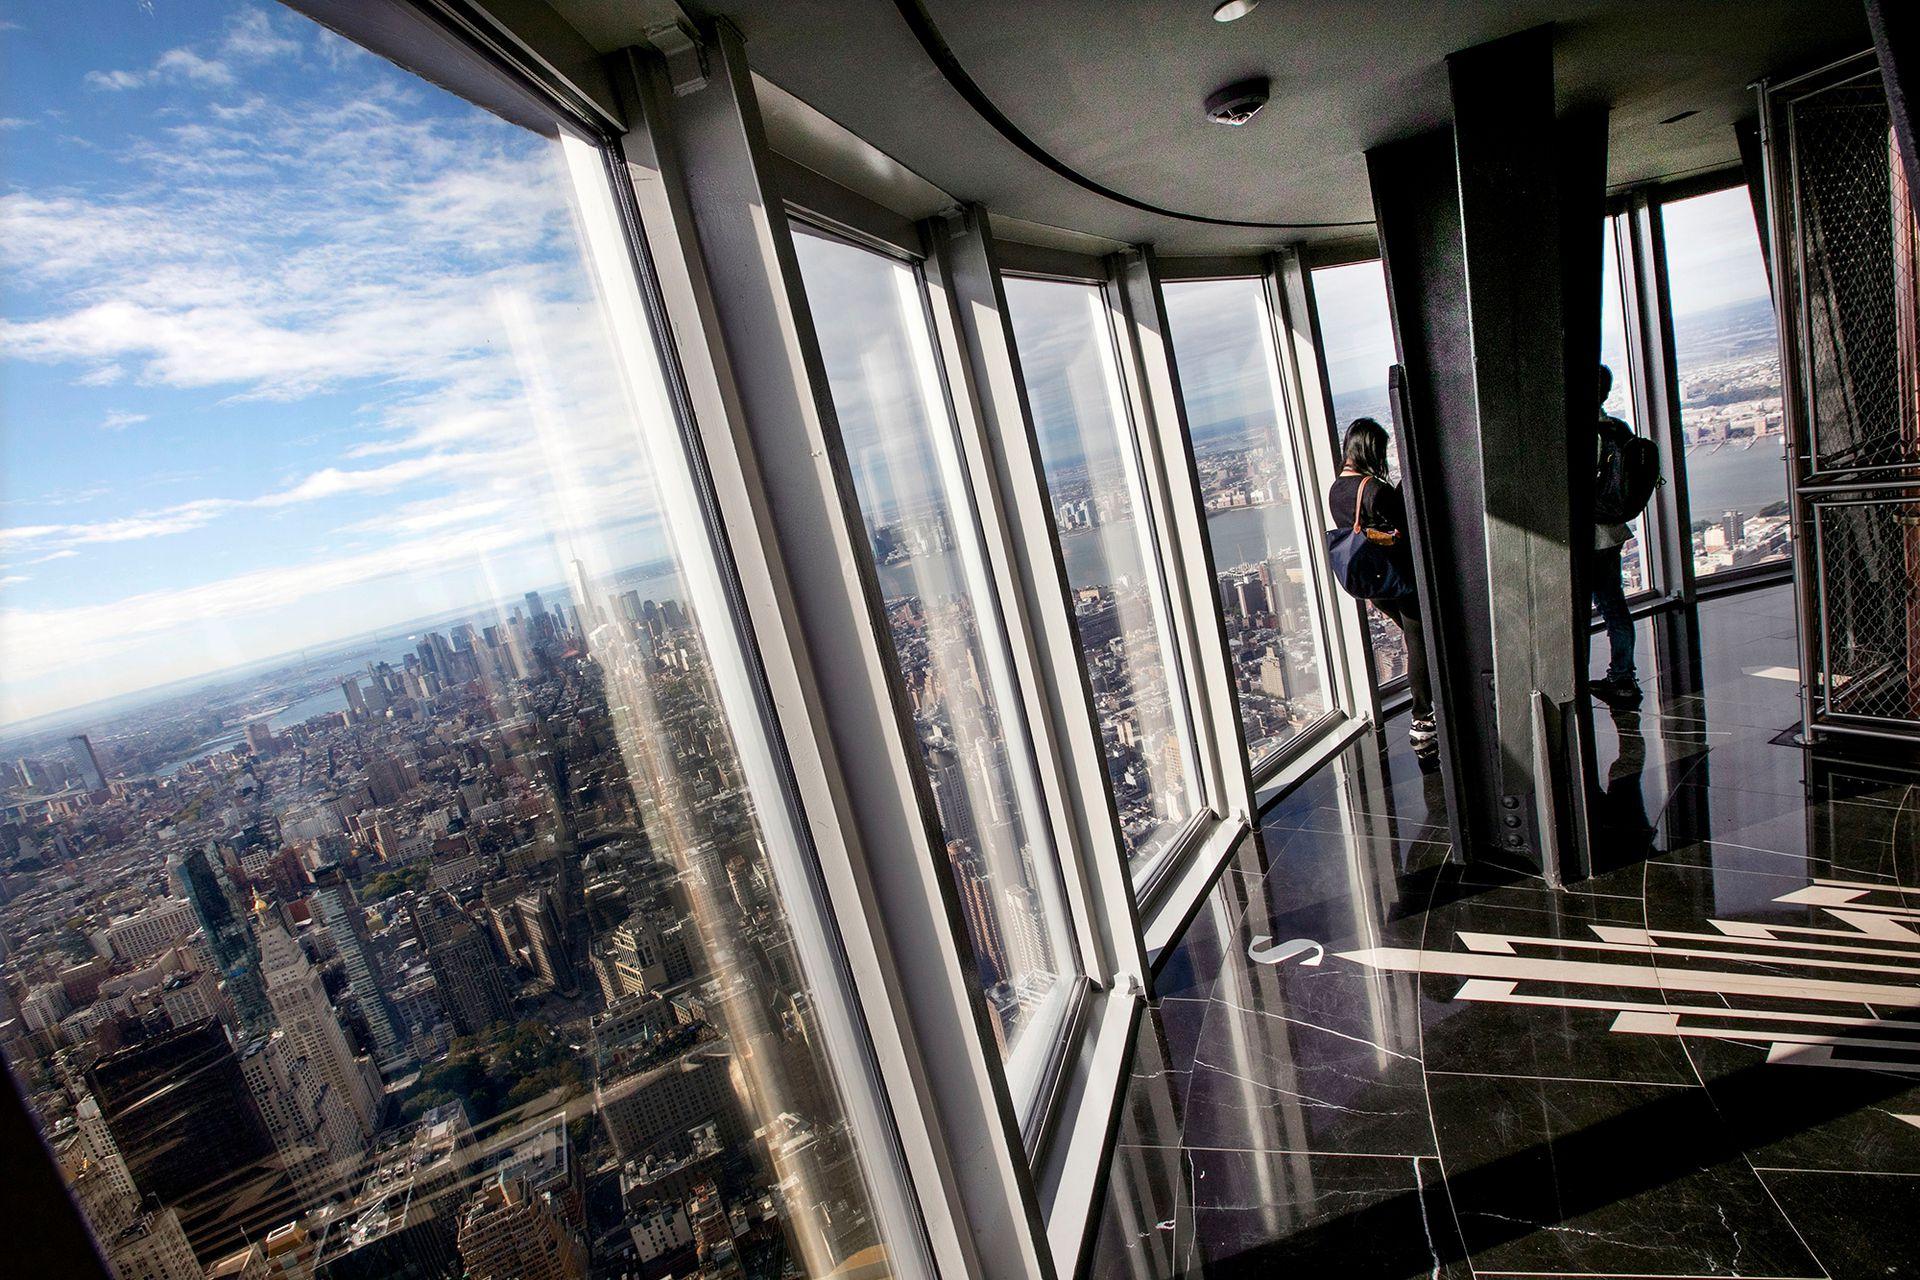 El renovado observatorio en la cima del Empire State Building tiene ventanas de 360 grados que ofrecen vistas impactantes de la ciudad de Nueva York